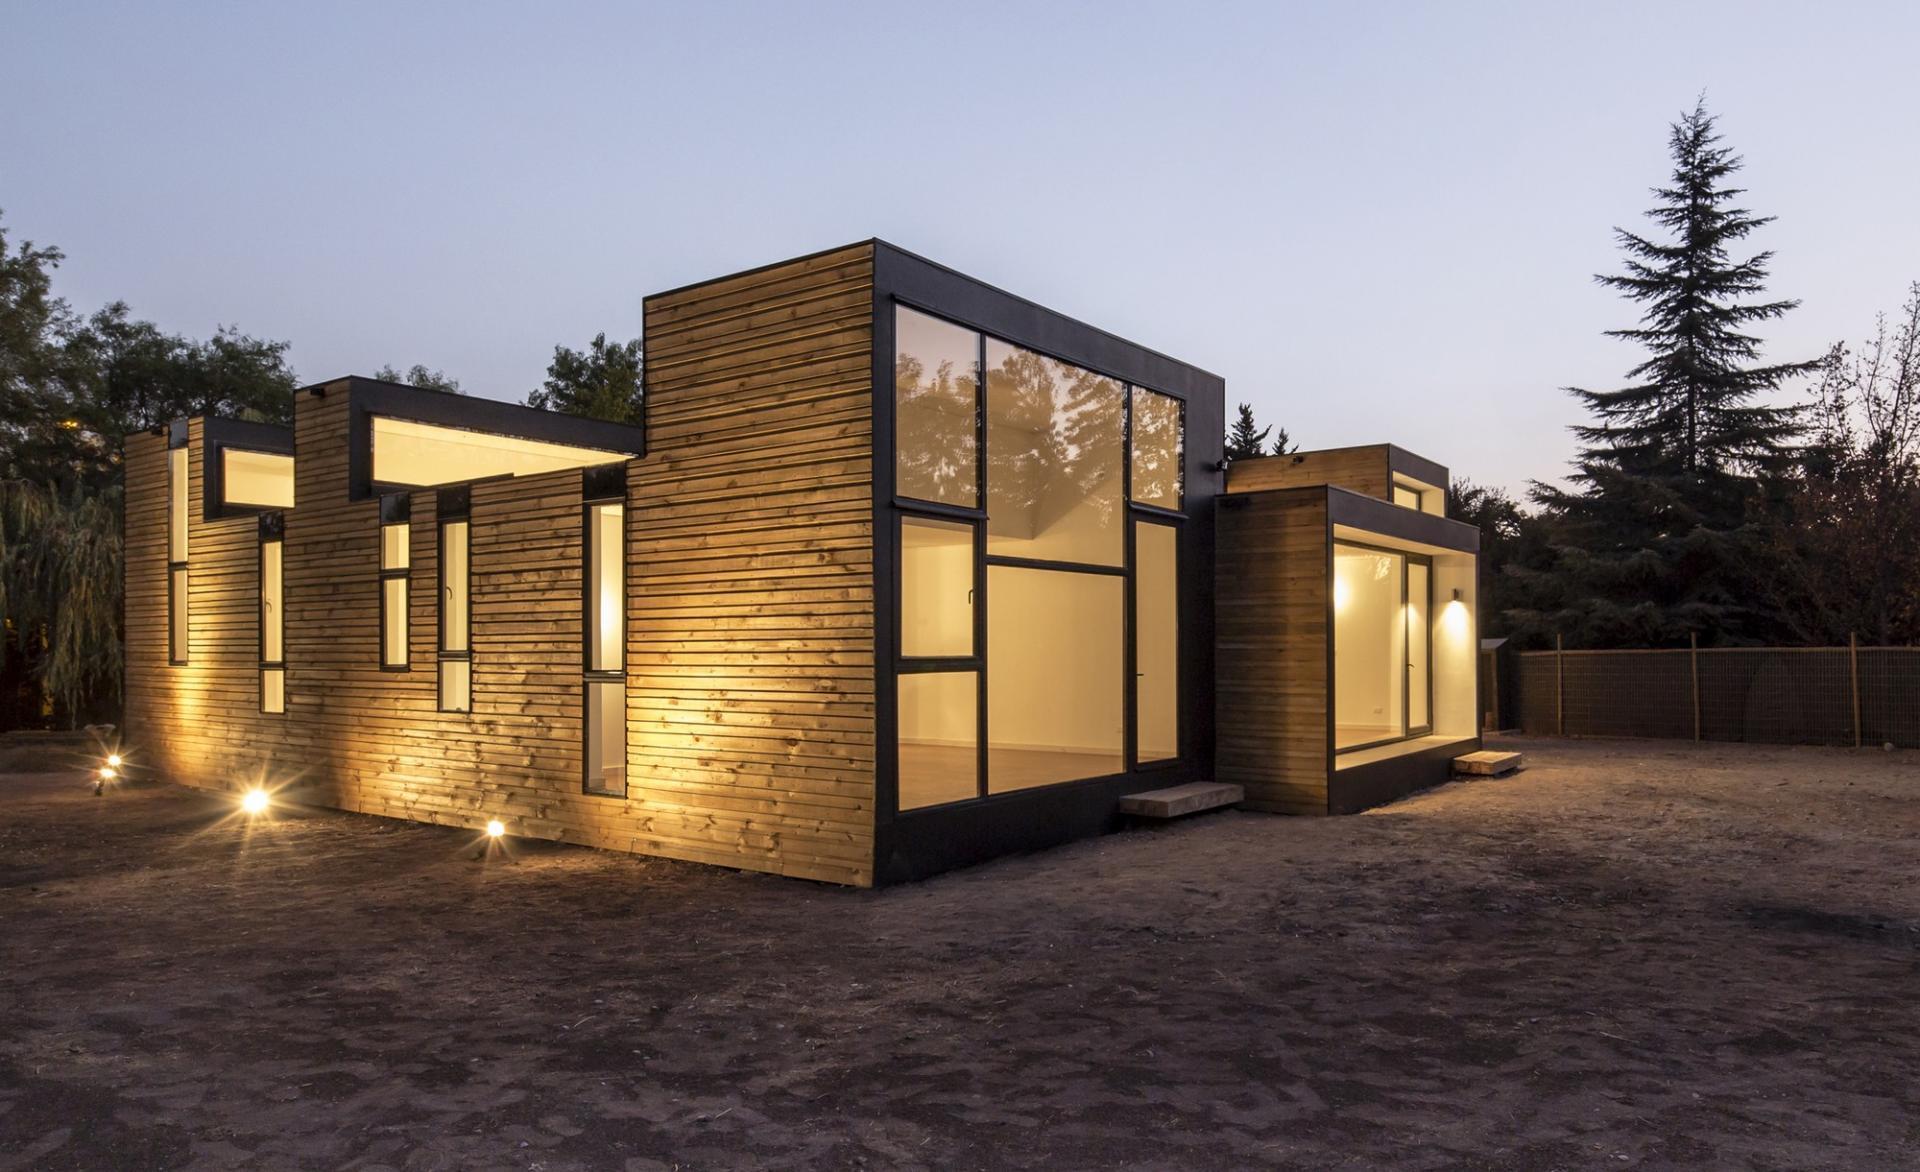 Maison contemporaine en panneaux de bois modula for Maison contemporaine bois